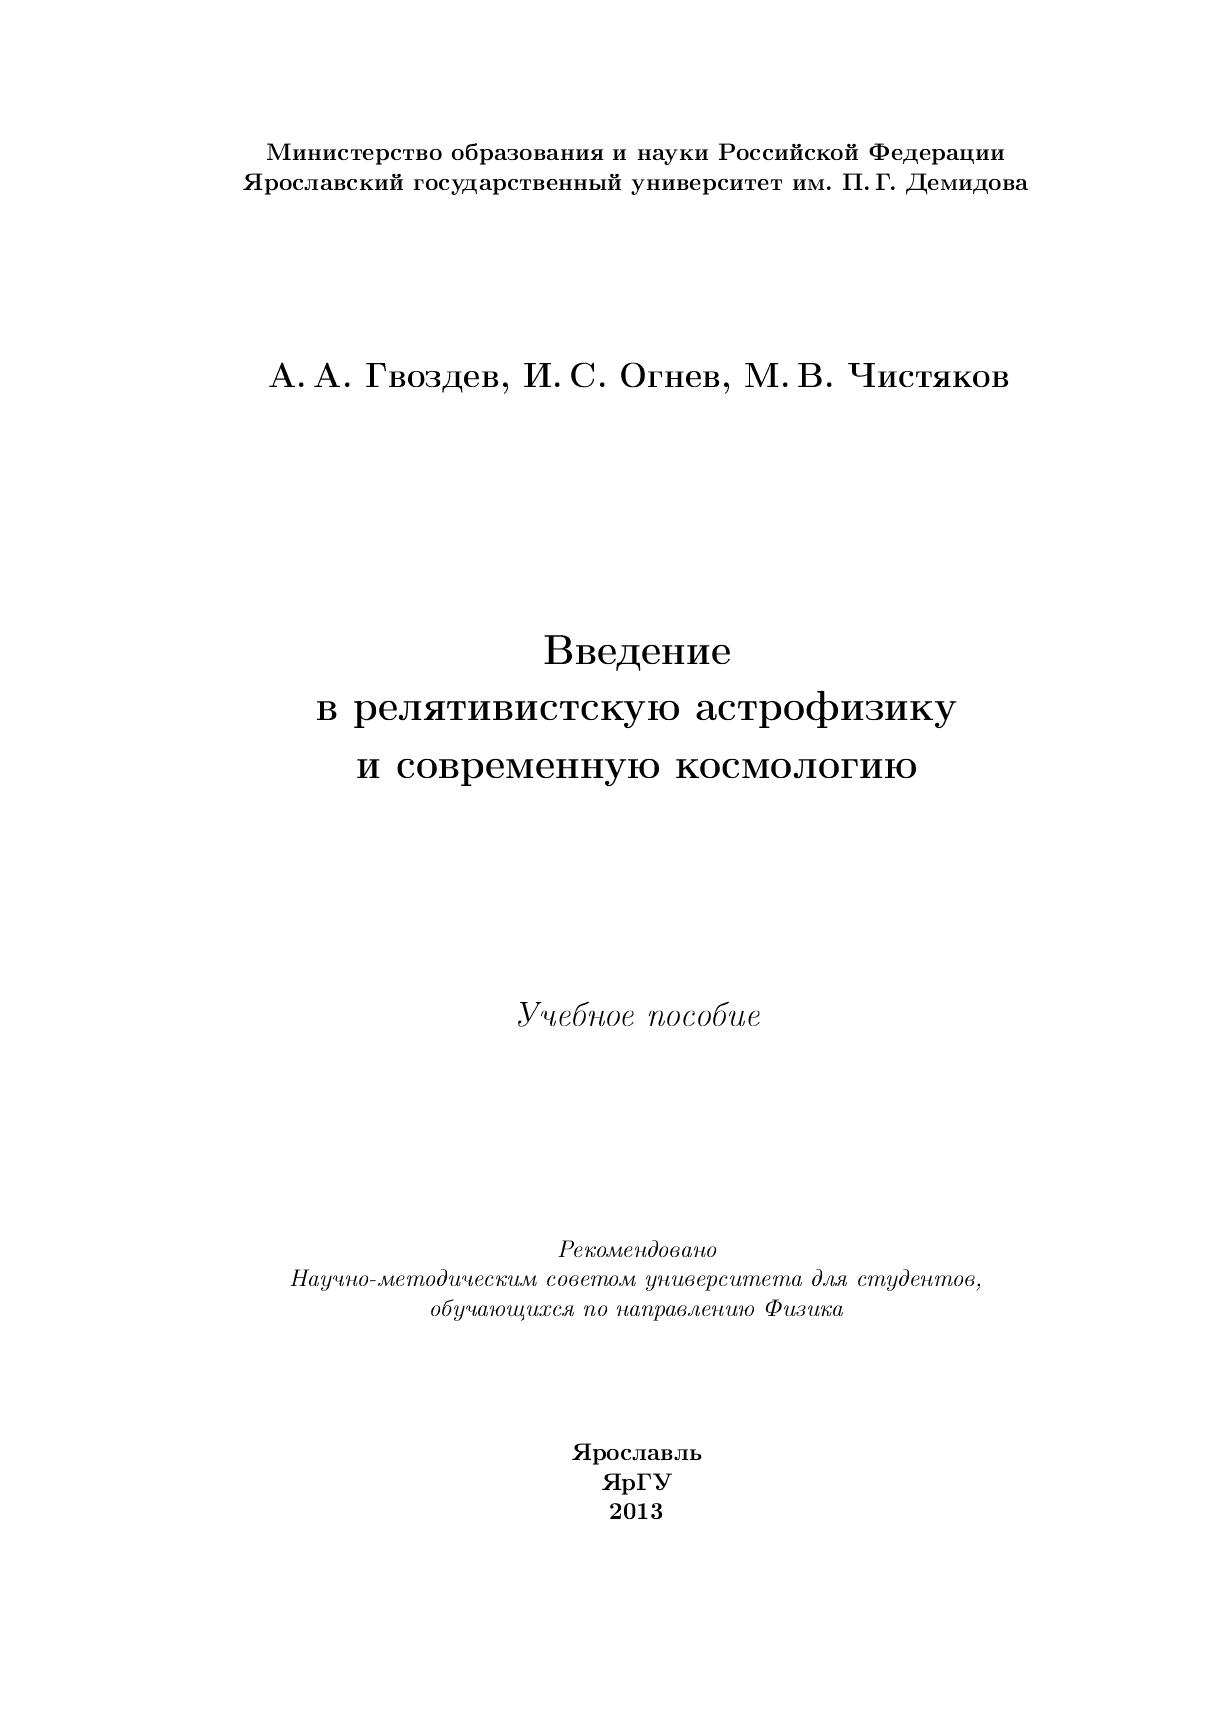 А. А. Гвоздев Введение в релятивистскую астрофизику и современную космологию масевич а тутуков а эволюция звезд теория и наблюдения